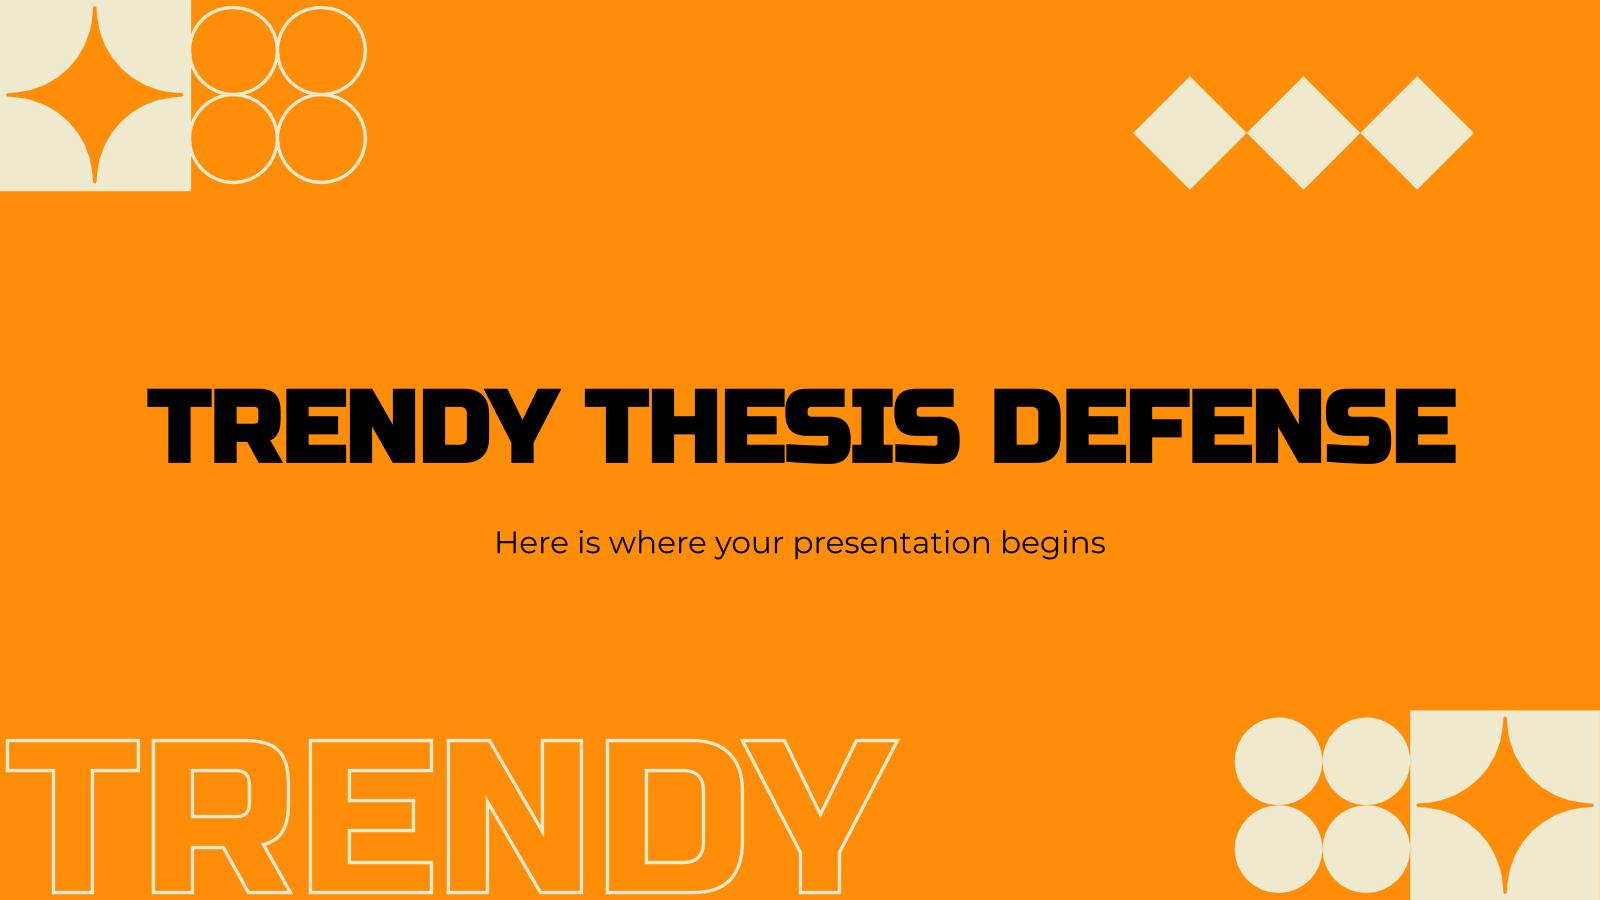 Soutenance de thèse tendance : Modèles de présentation